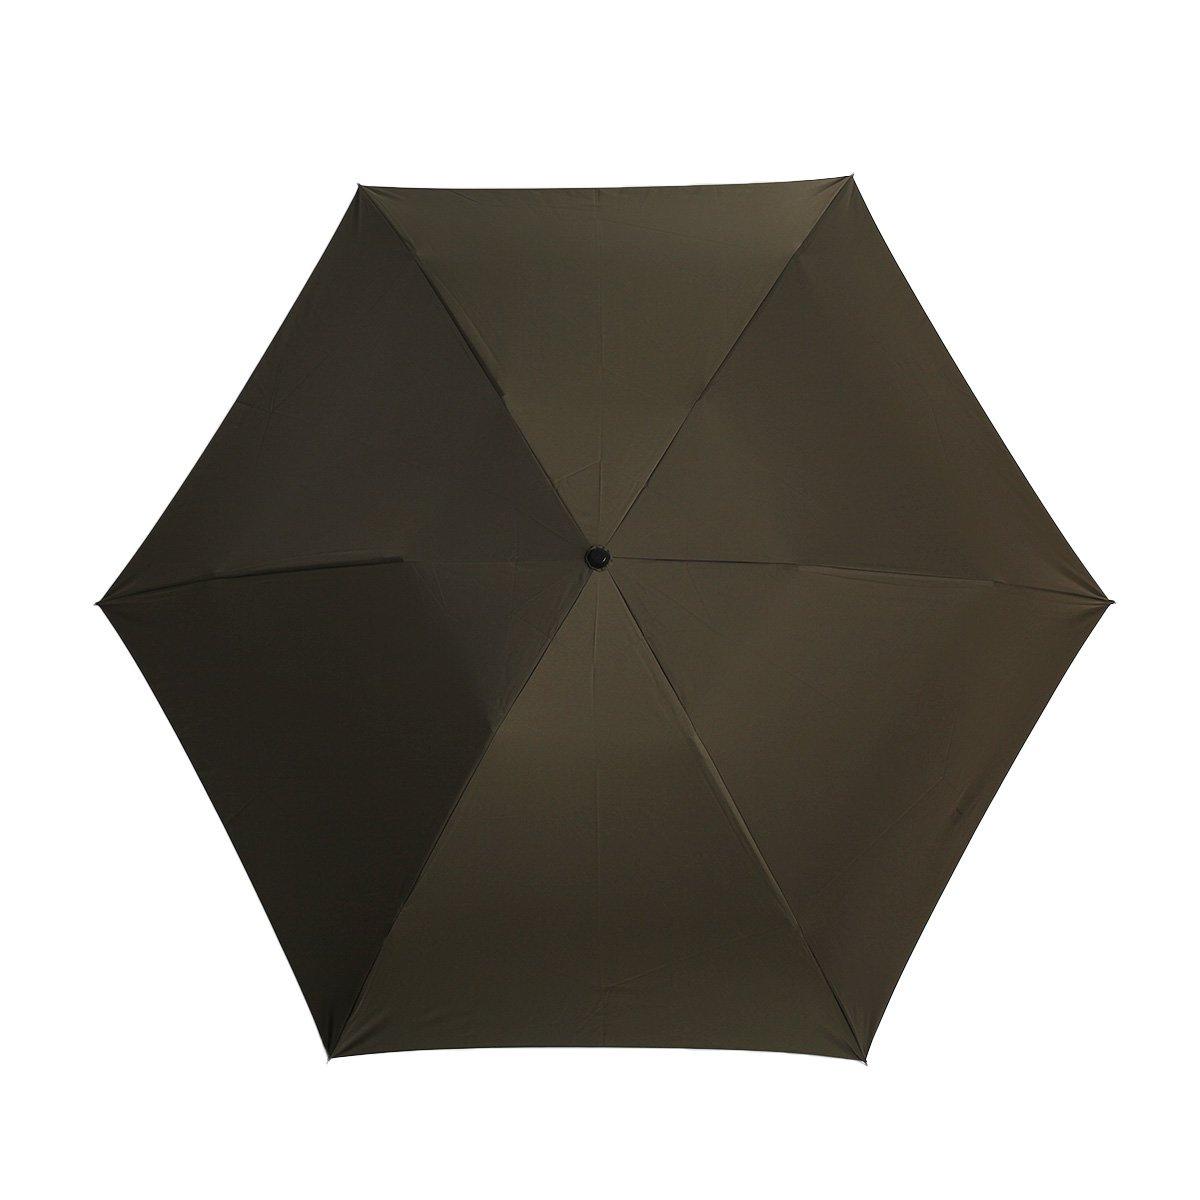 強力撥水 レインドロップ レクタス 折りたたみ傘 詳細画像9